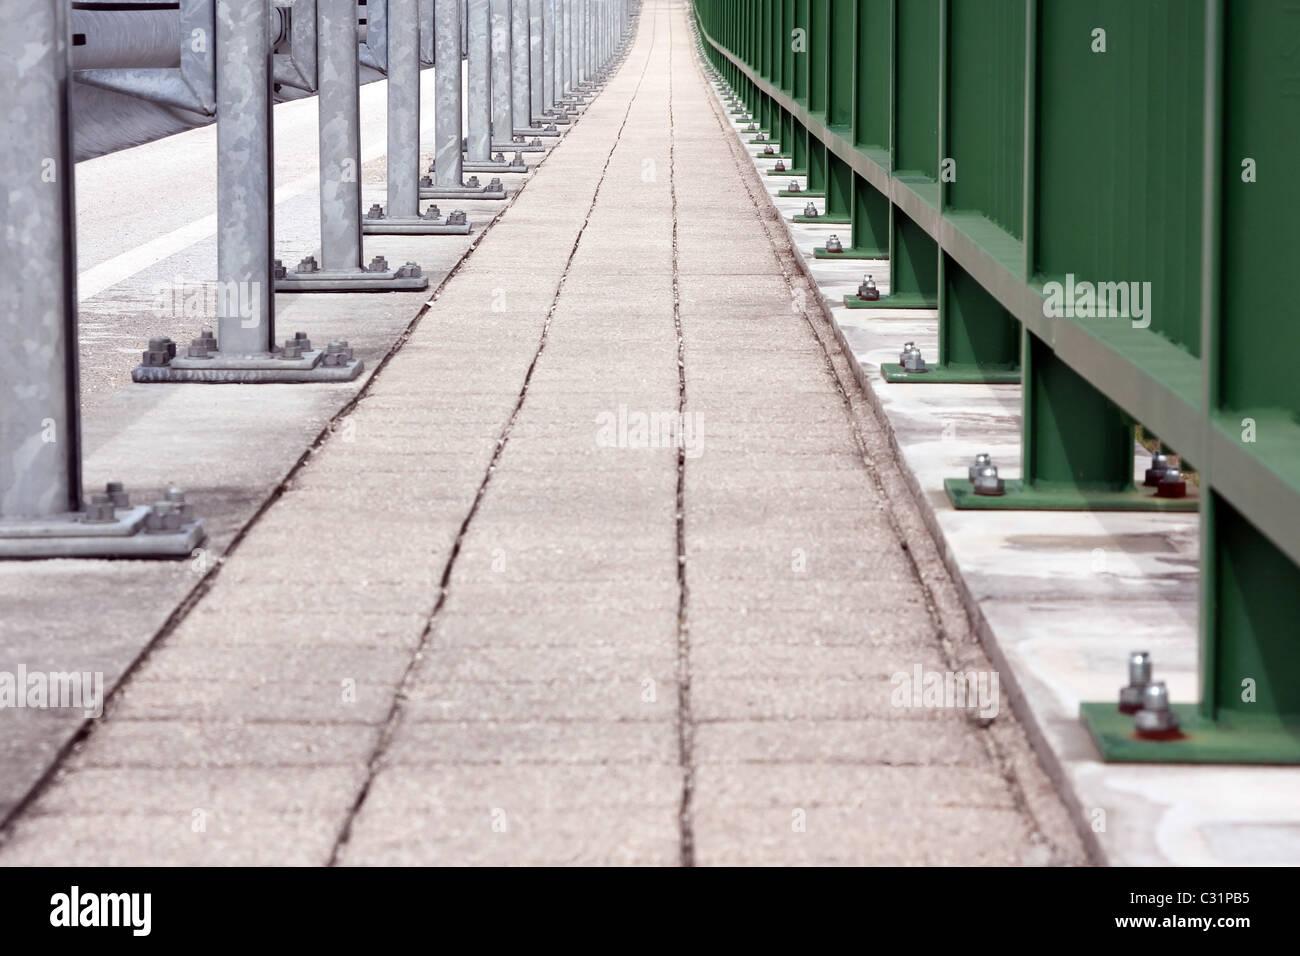 Konvergenz der Fußgängerweg in einer Brücke Stockbild